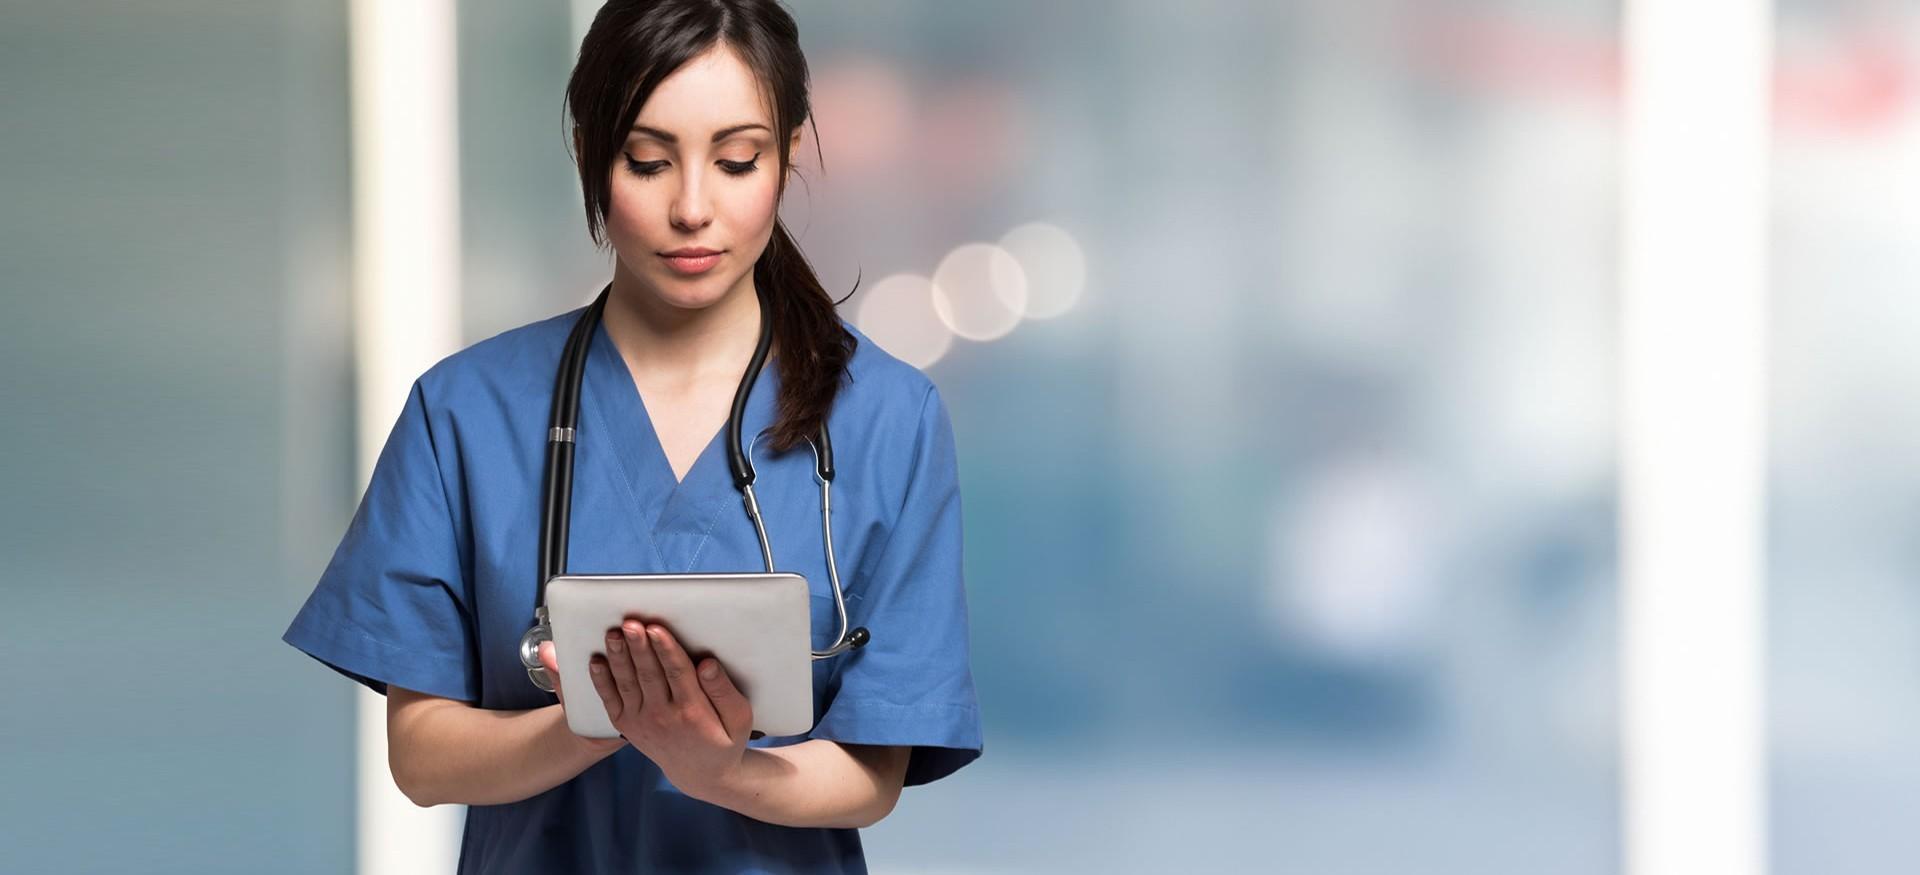 Técnico em Enfermagem | Conheça o curso